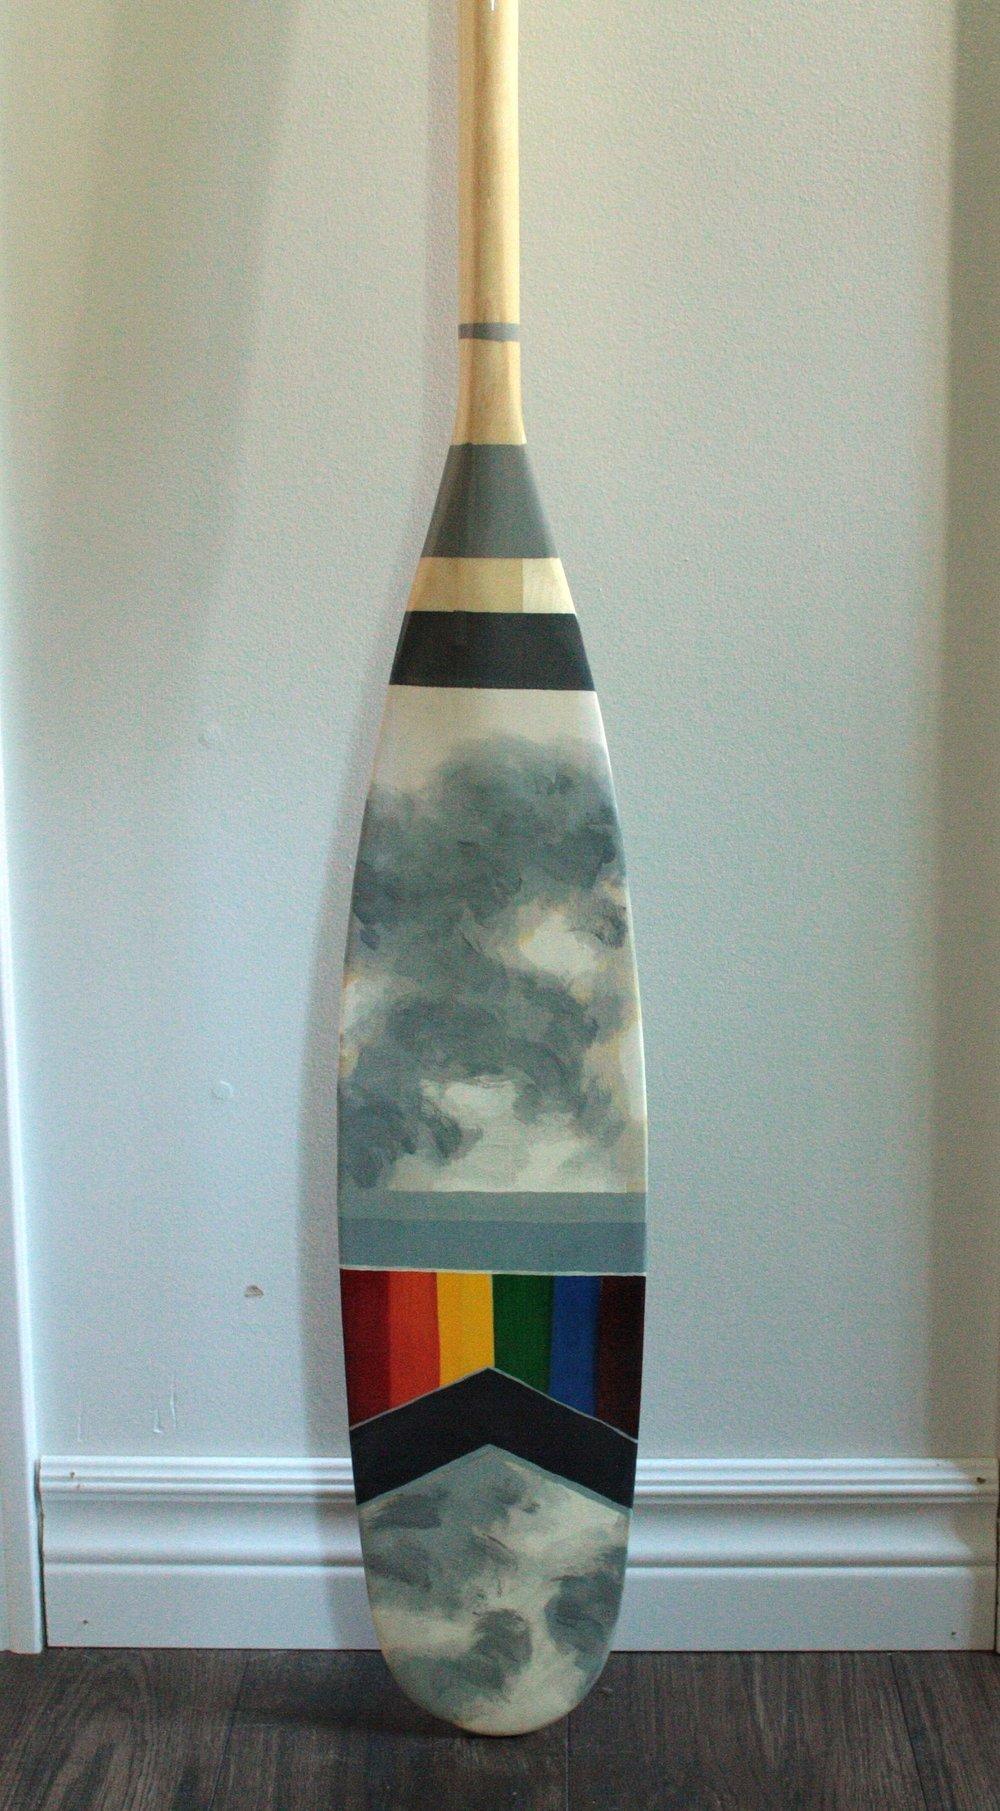 Rainbow 1 (available)